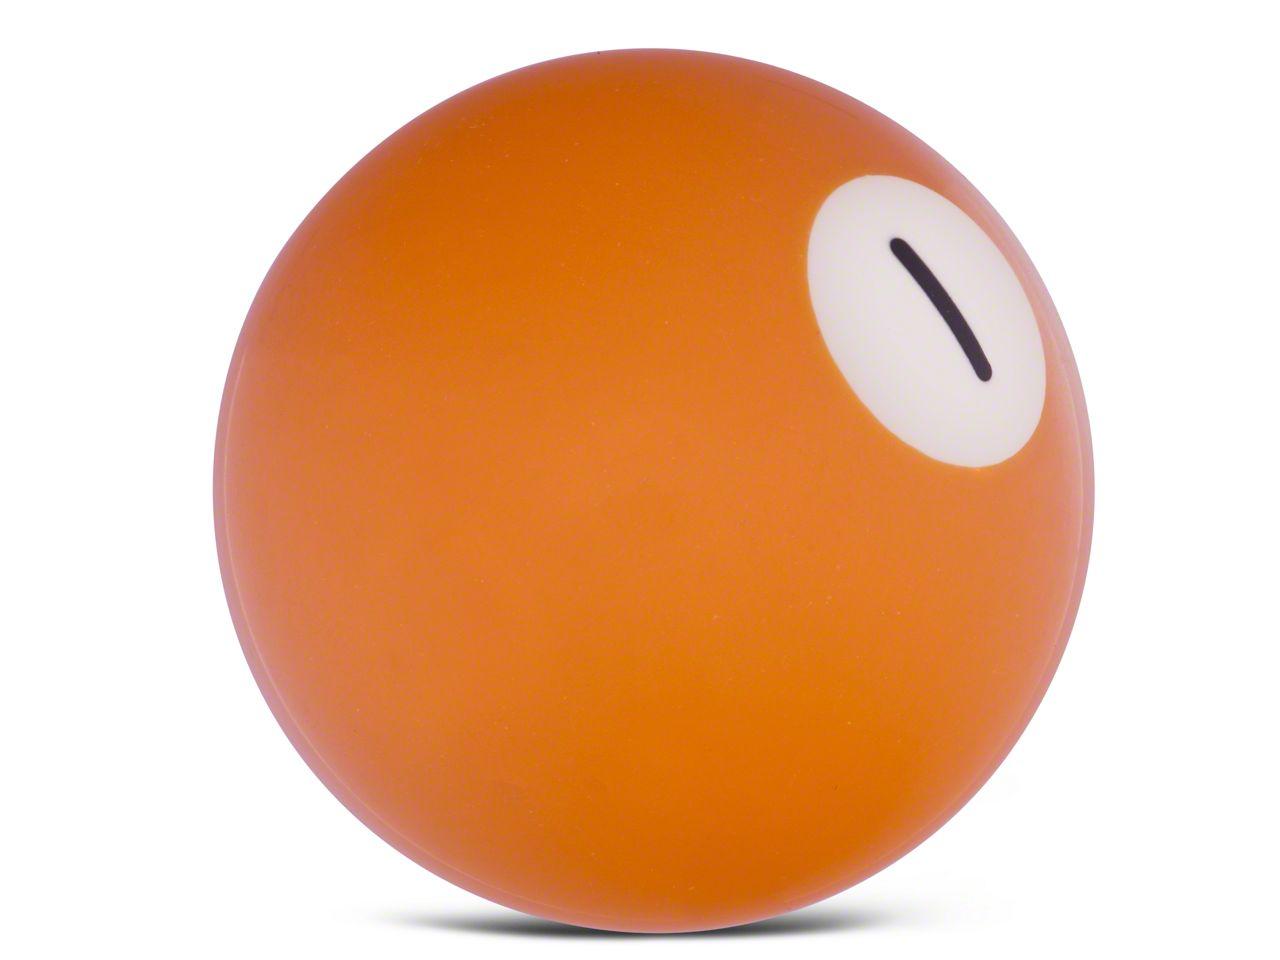 RedRock 4x4 1 Ball Yellow Solid Billiard Shift Knob (97-06 Jeep Wrangler TJ)